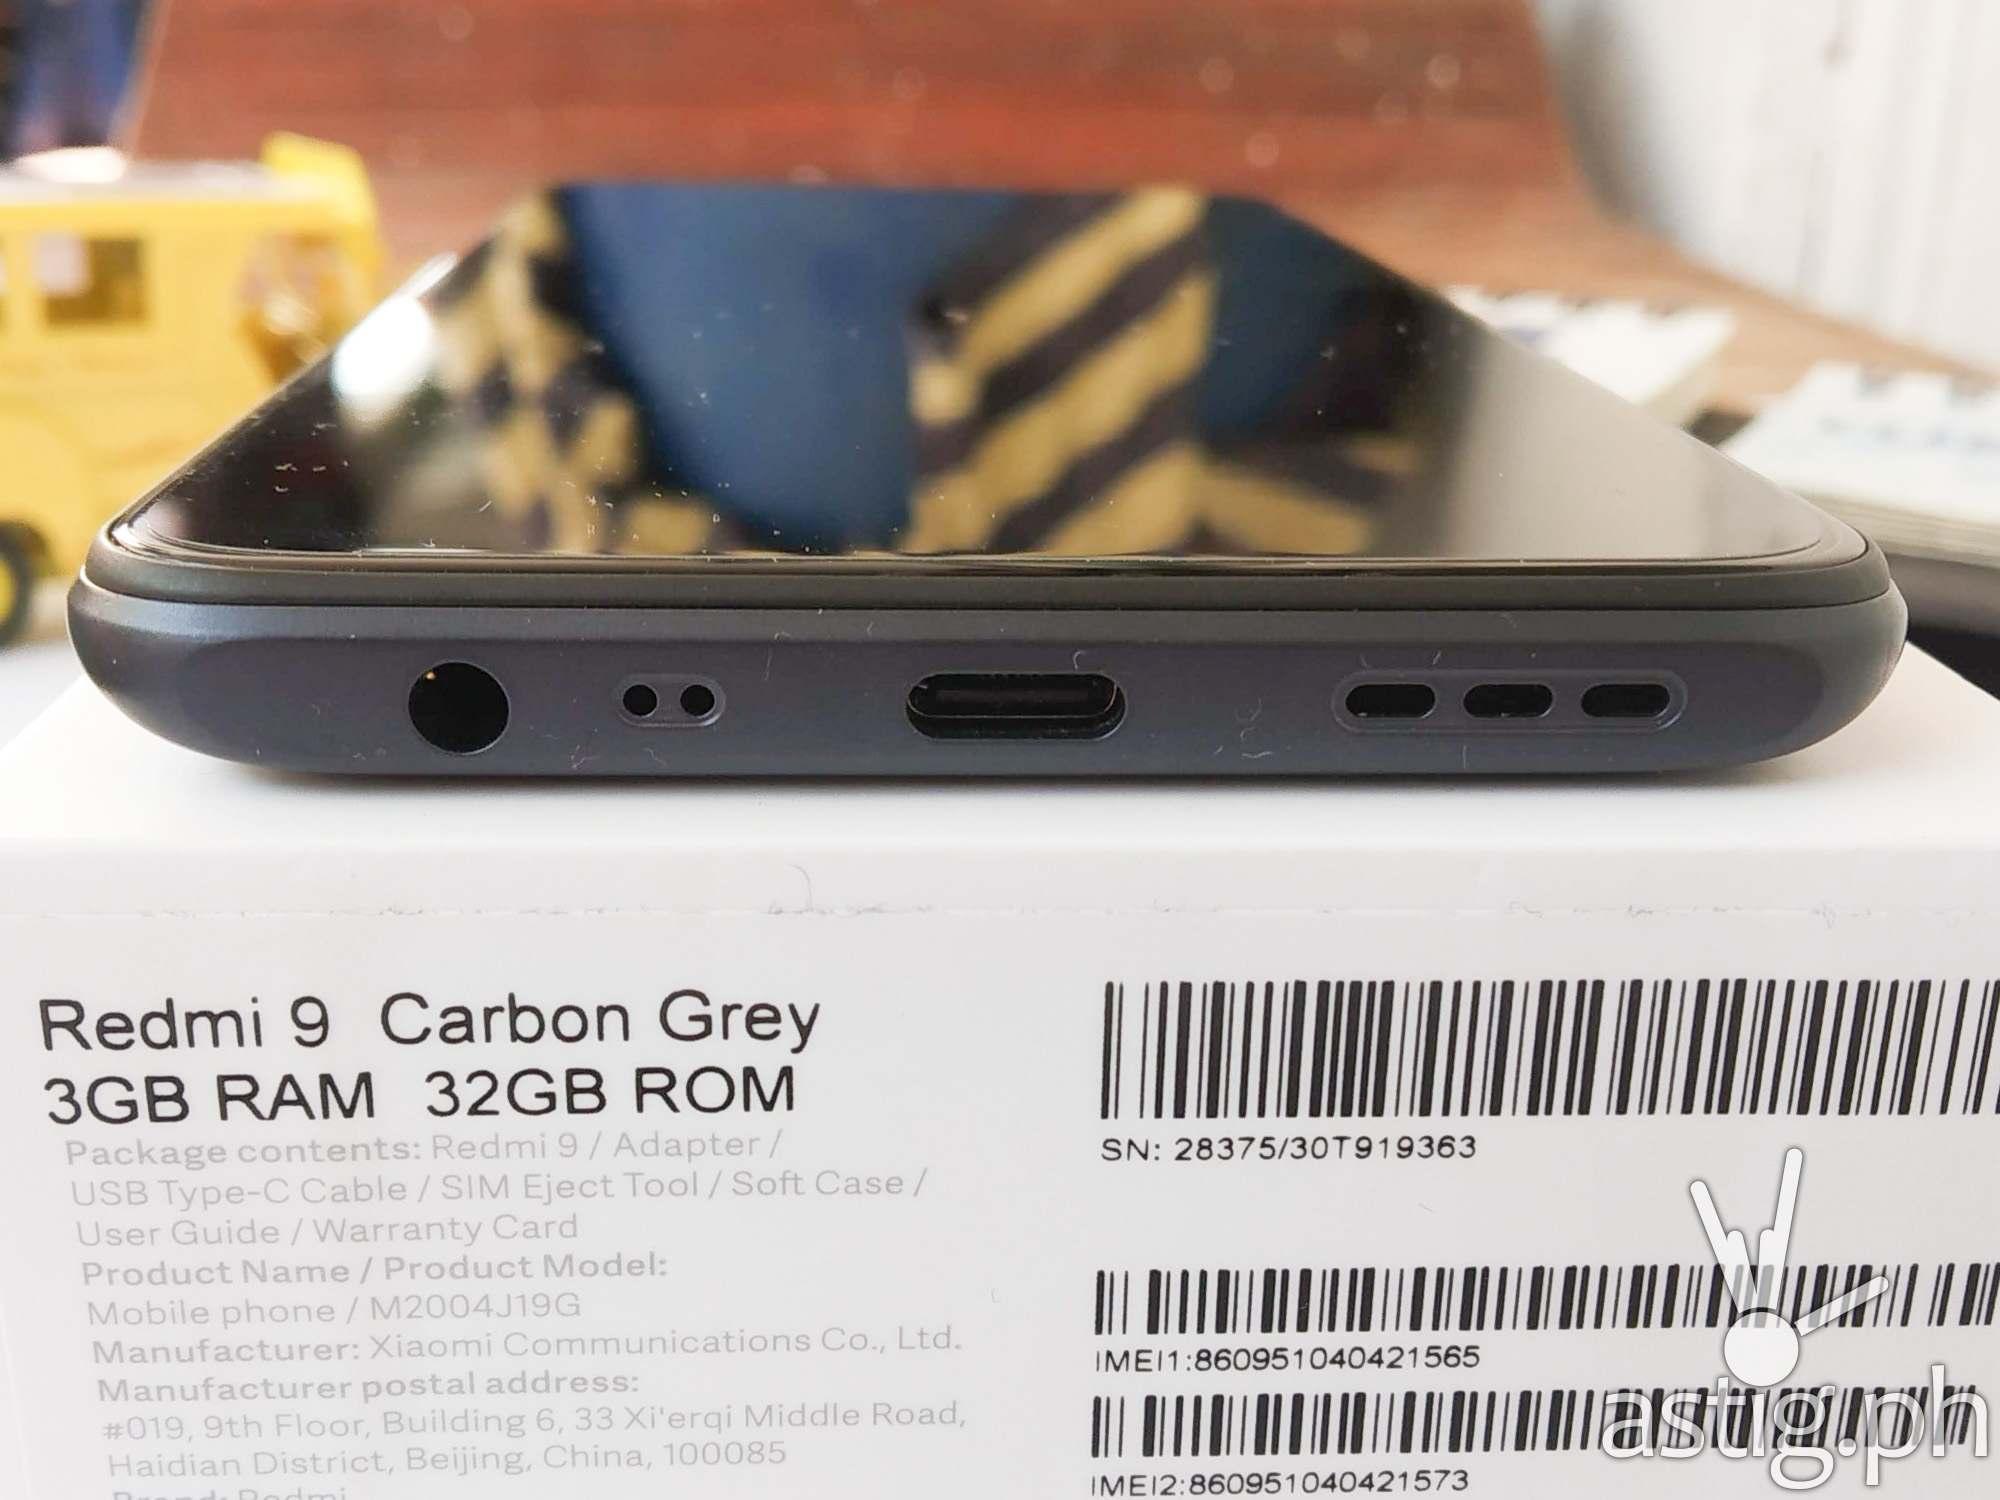 Audio jack, USB port - Redmi 9 (Philippines)